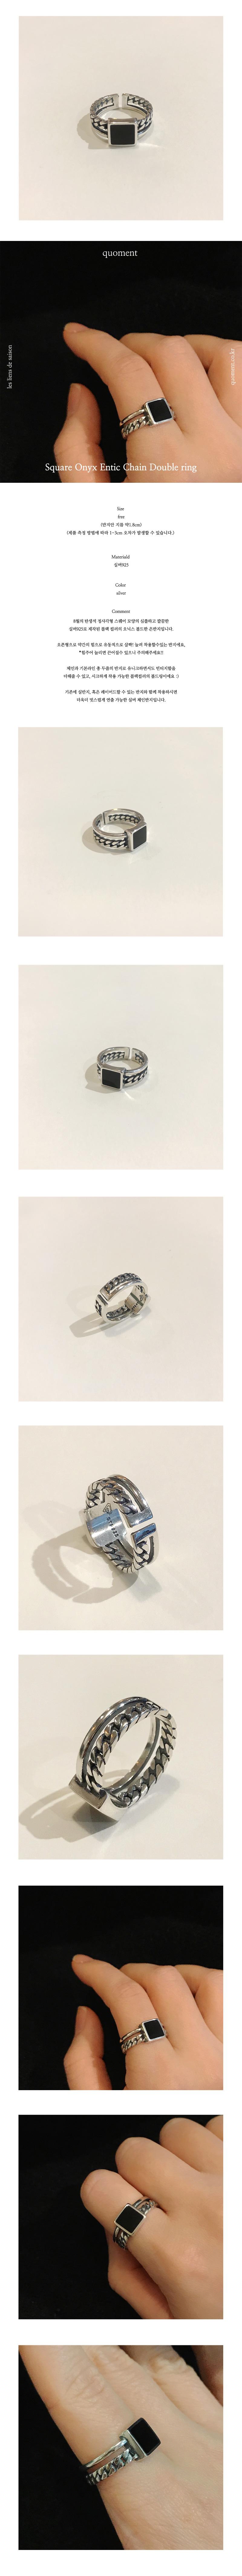 925실버 사각 블랙 오닉스 엔틱 체인 두줄 볼드링 - 쿼먼트, 43,000원, 패션, 패션반지